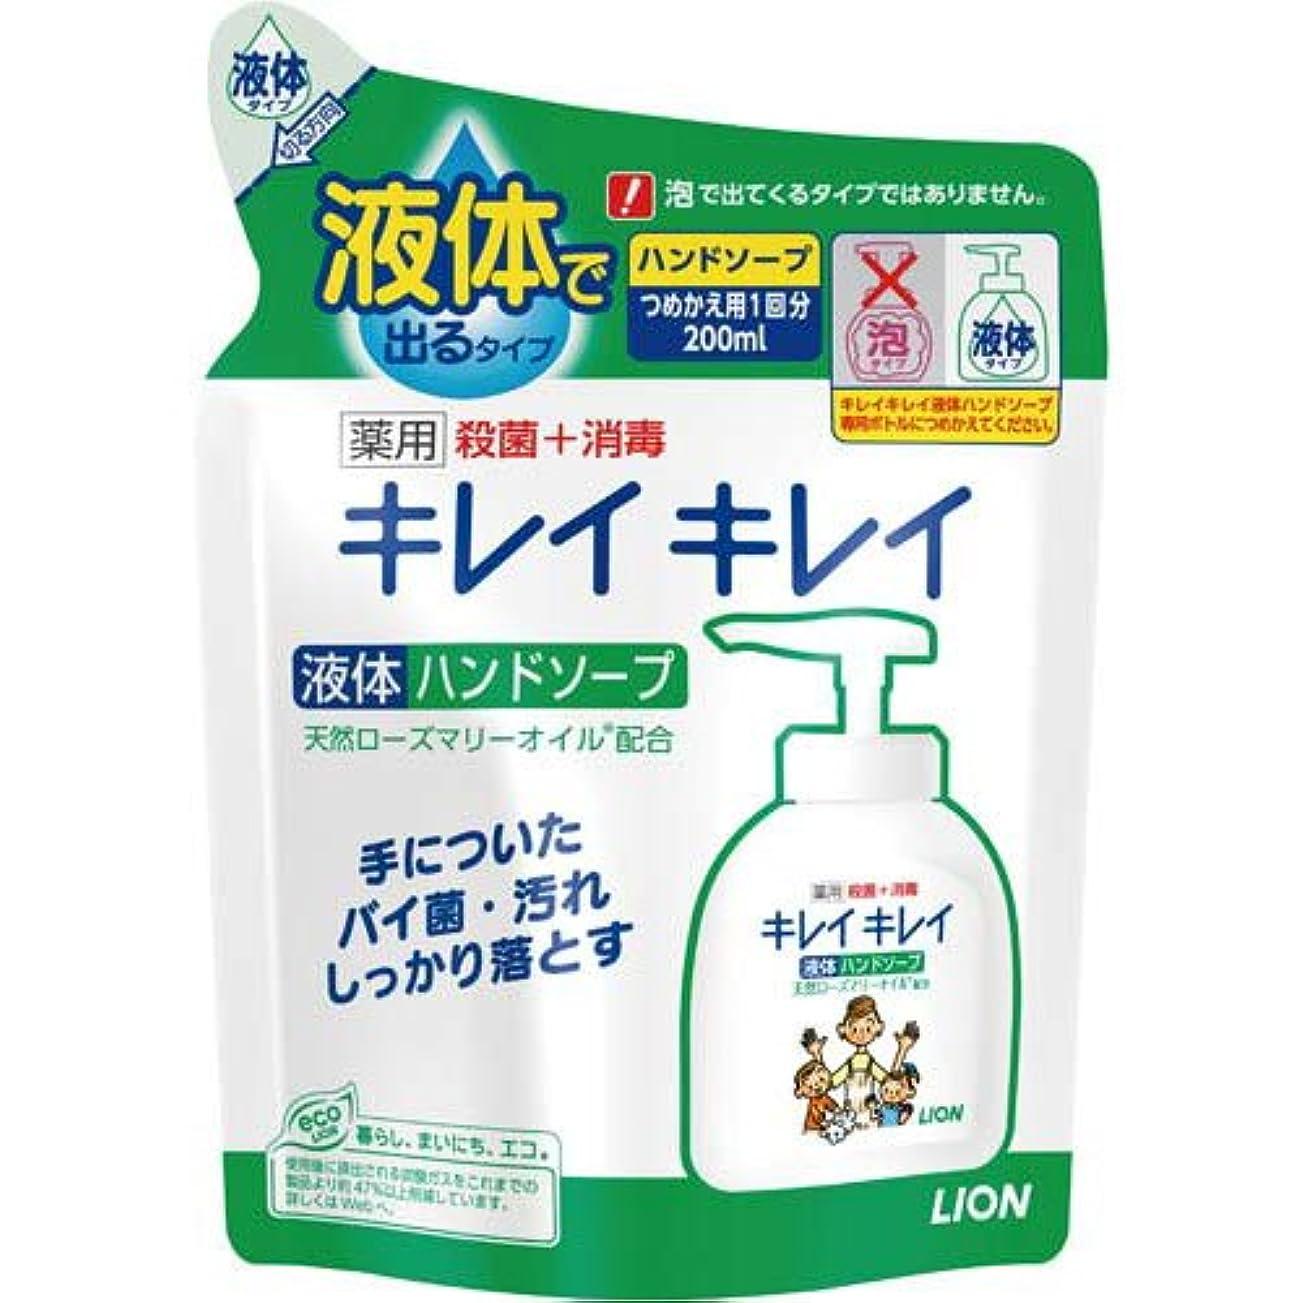 表現ベース温かいライオン キレイキレイ薬用ハンドソープ 詰替用200ml×5